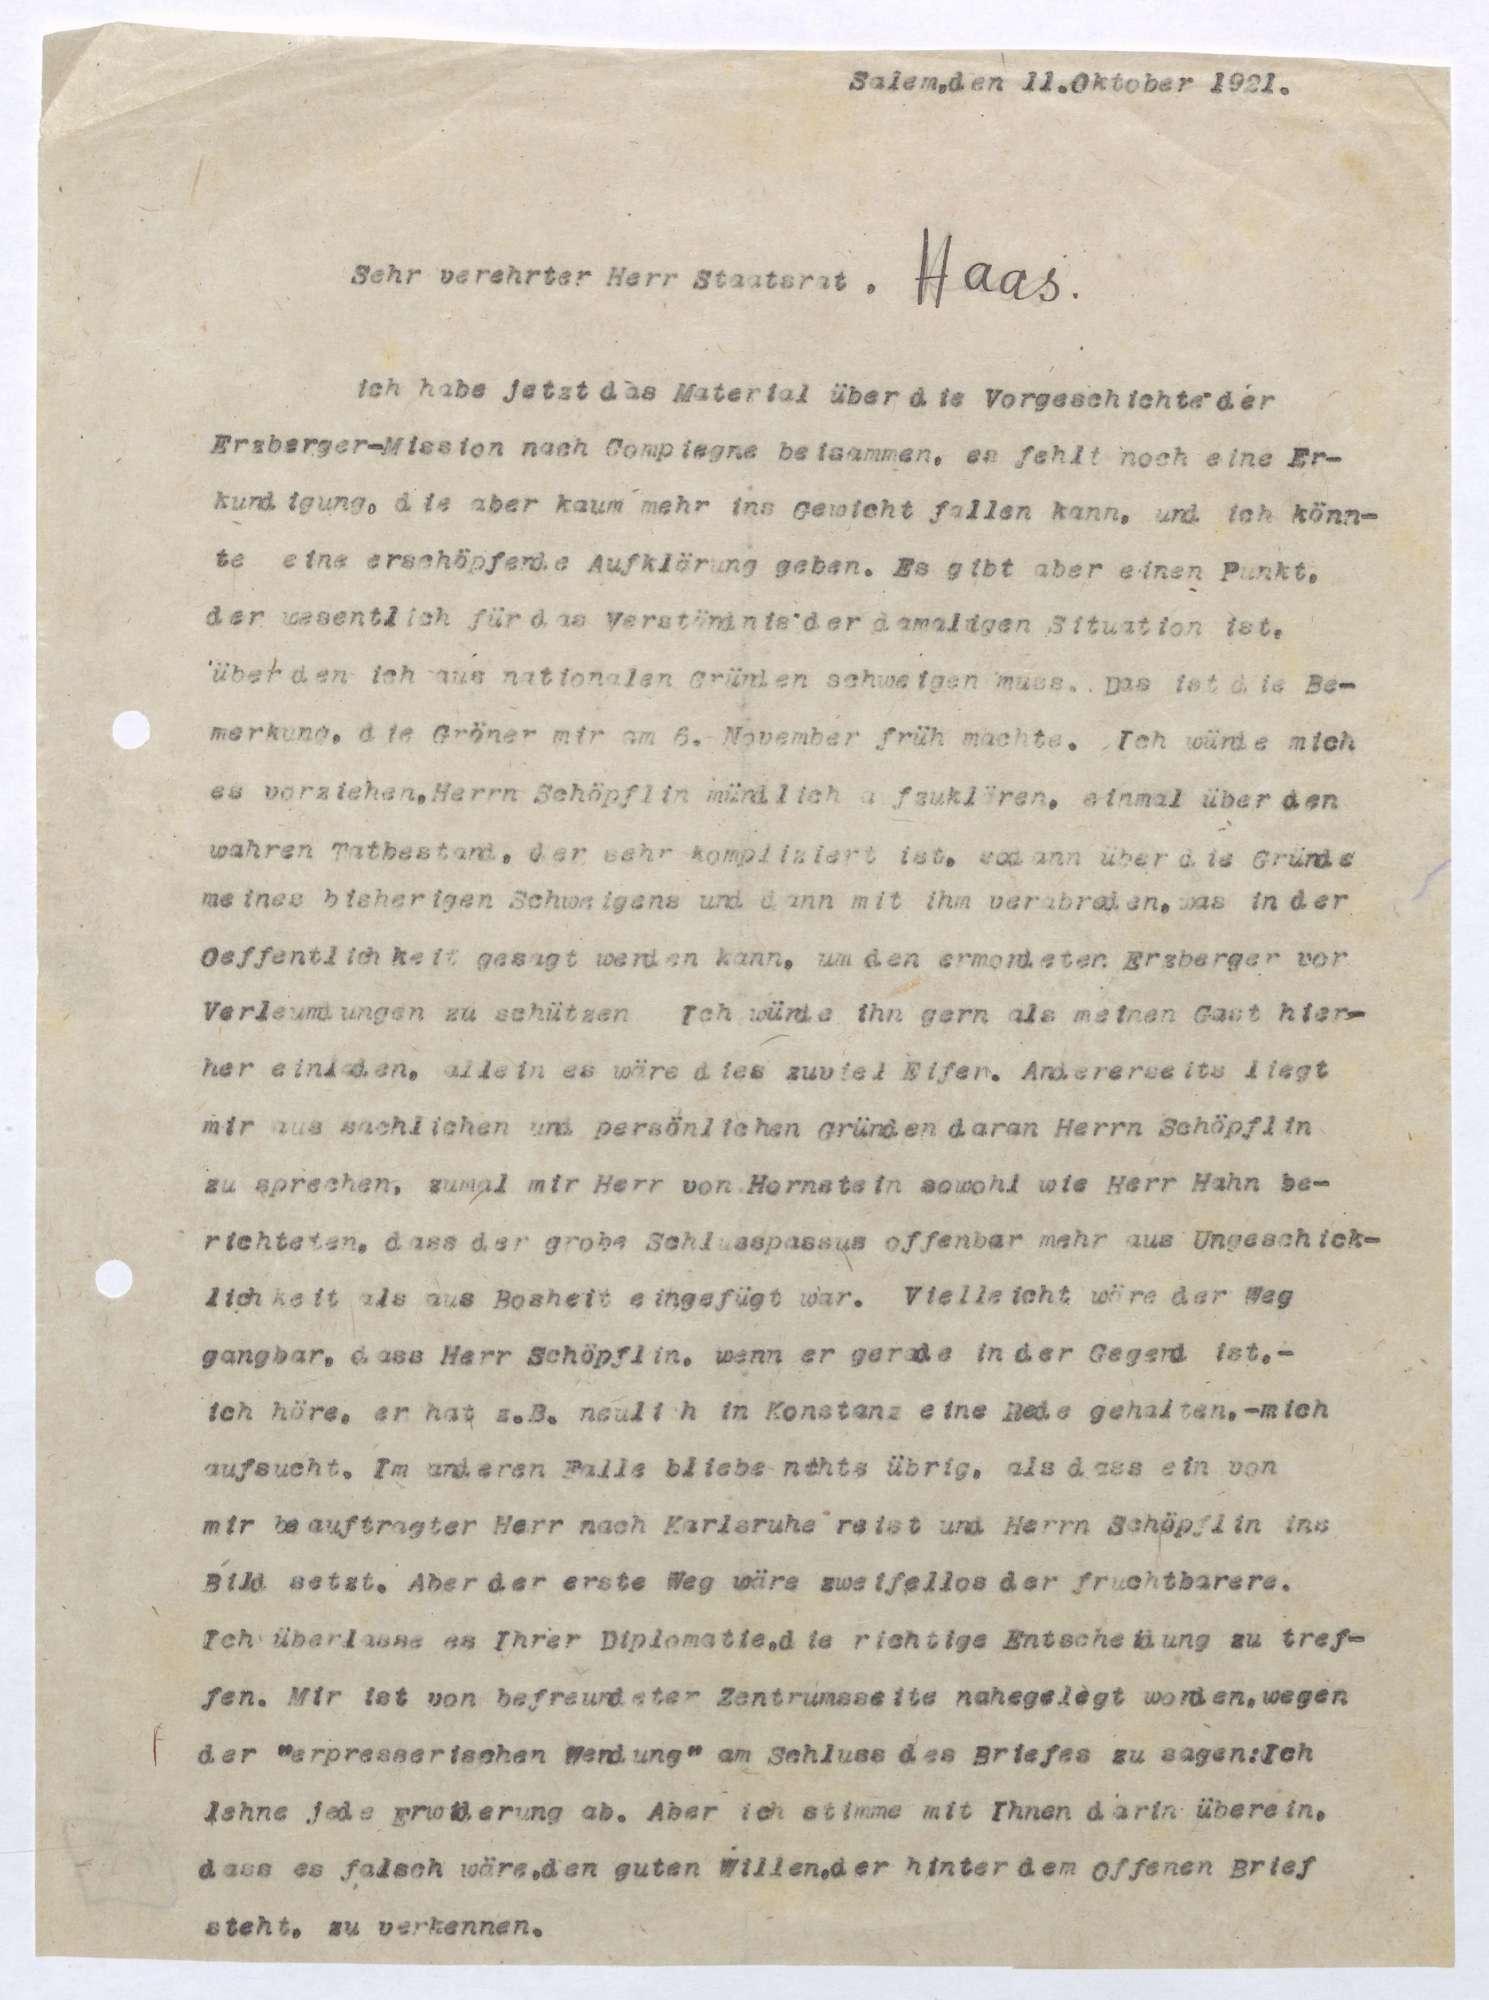 Schreiben von Prinz Max von Baden an Ludwig Haas; Einladung von Georg Schöpflin nach Salem und die Vorgeschichte des Waffenstillstands, Bild 1